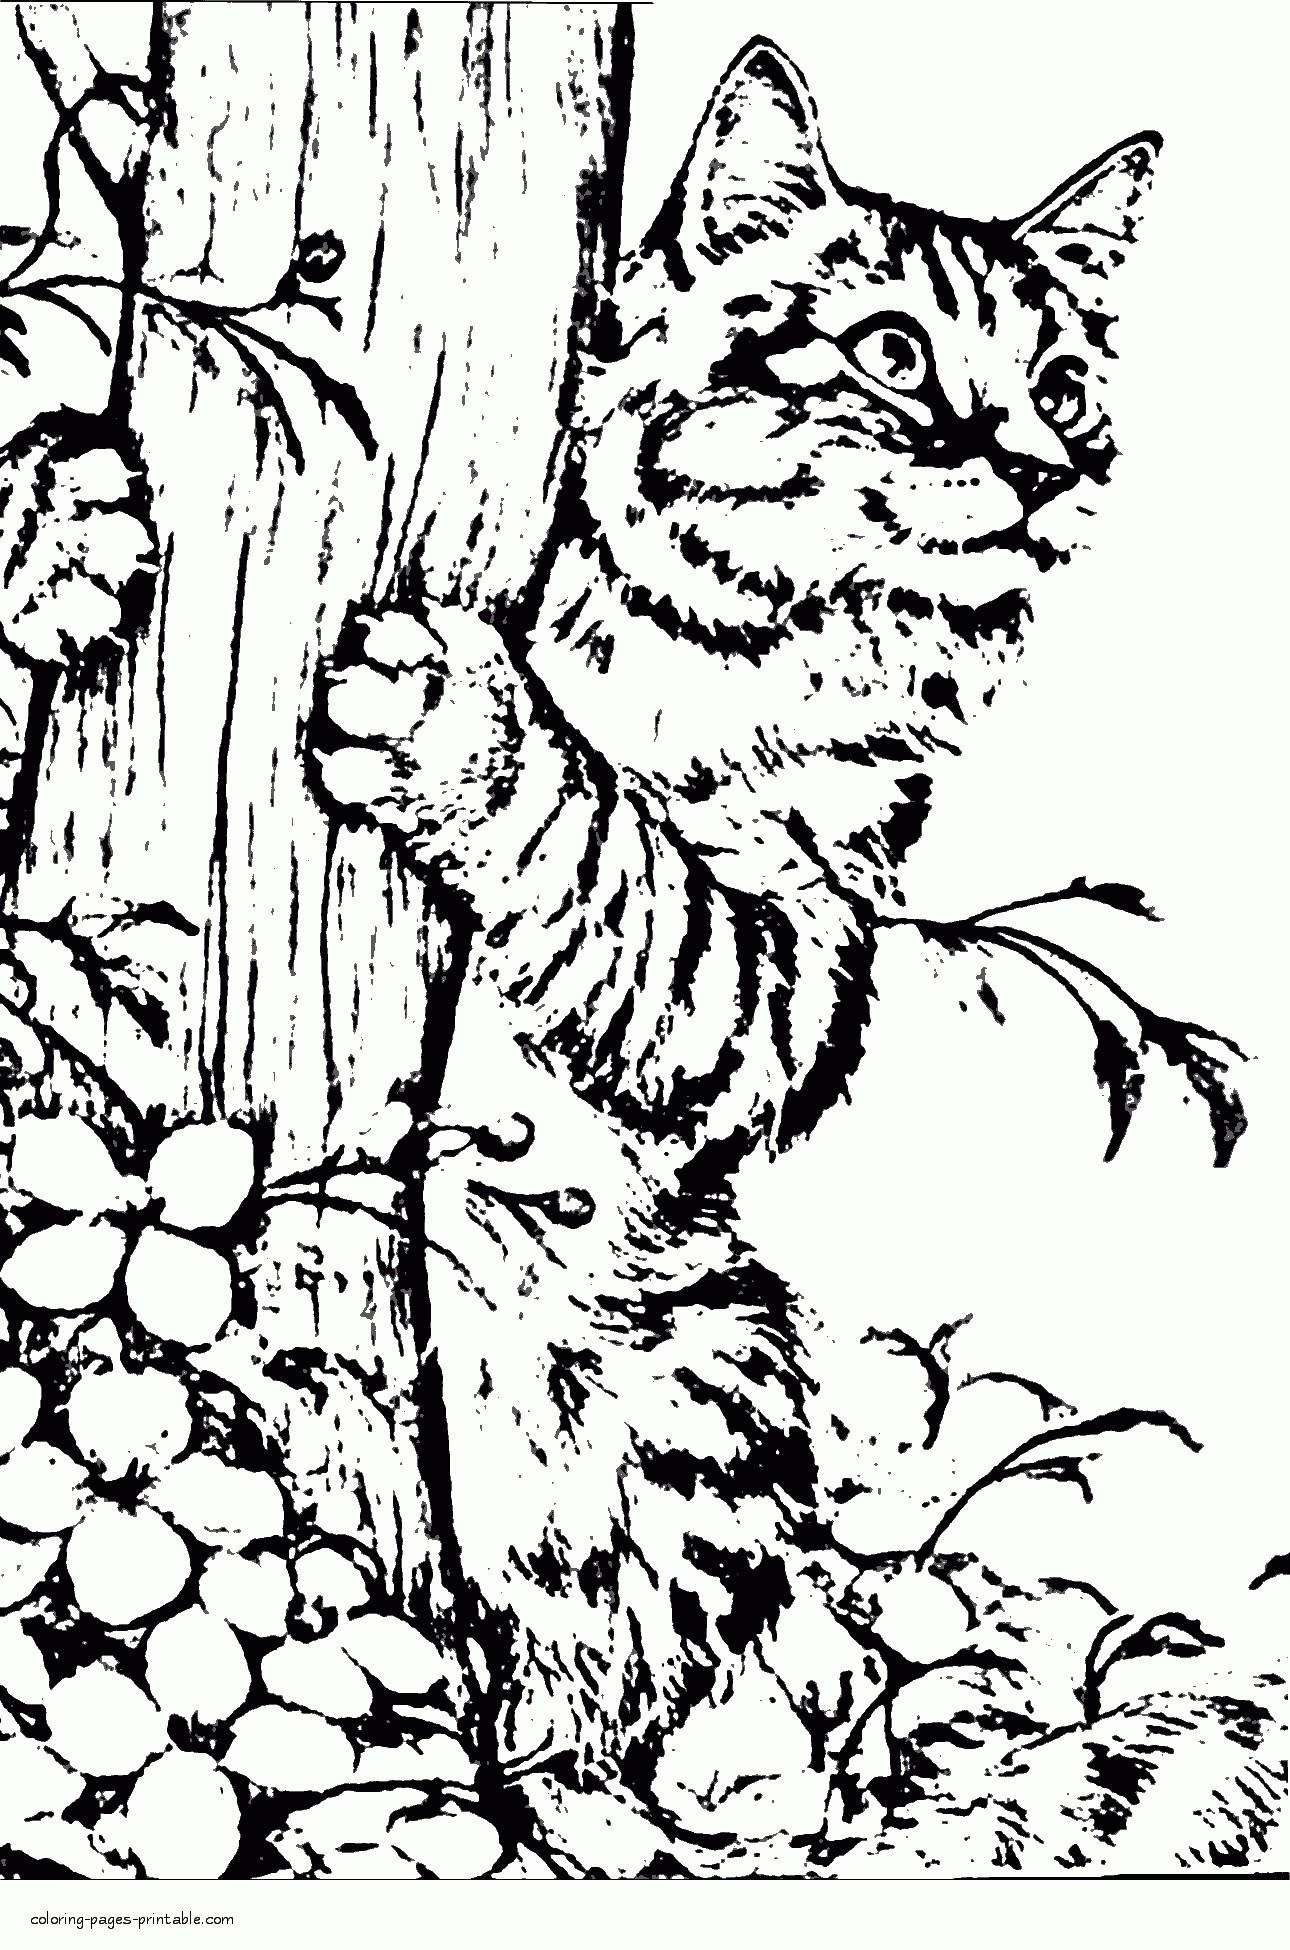 Tranh tô màu chú mèo ôm cây cực xinh